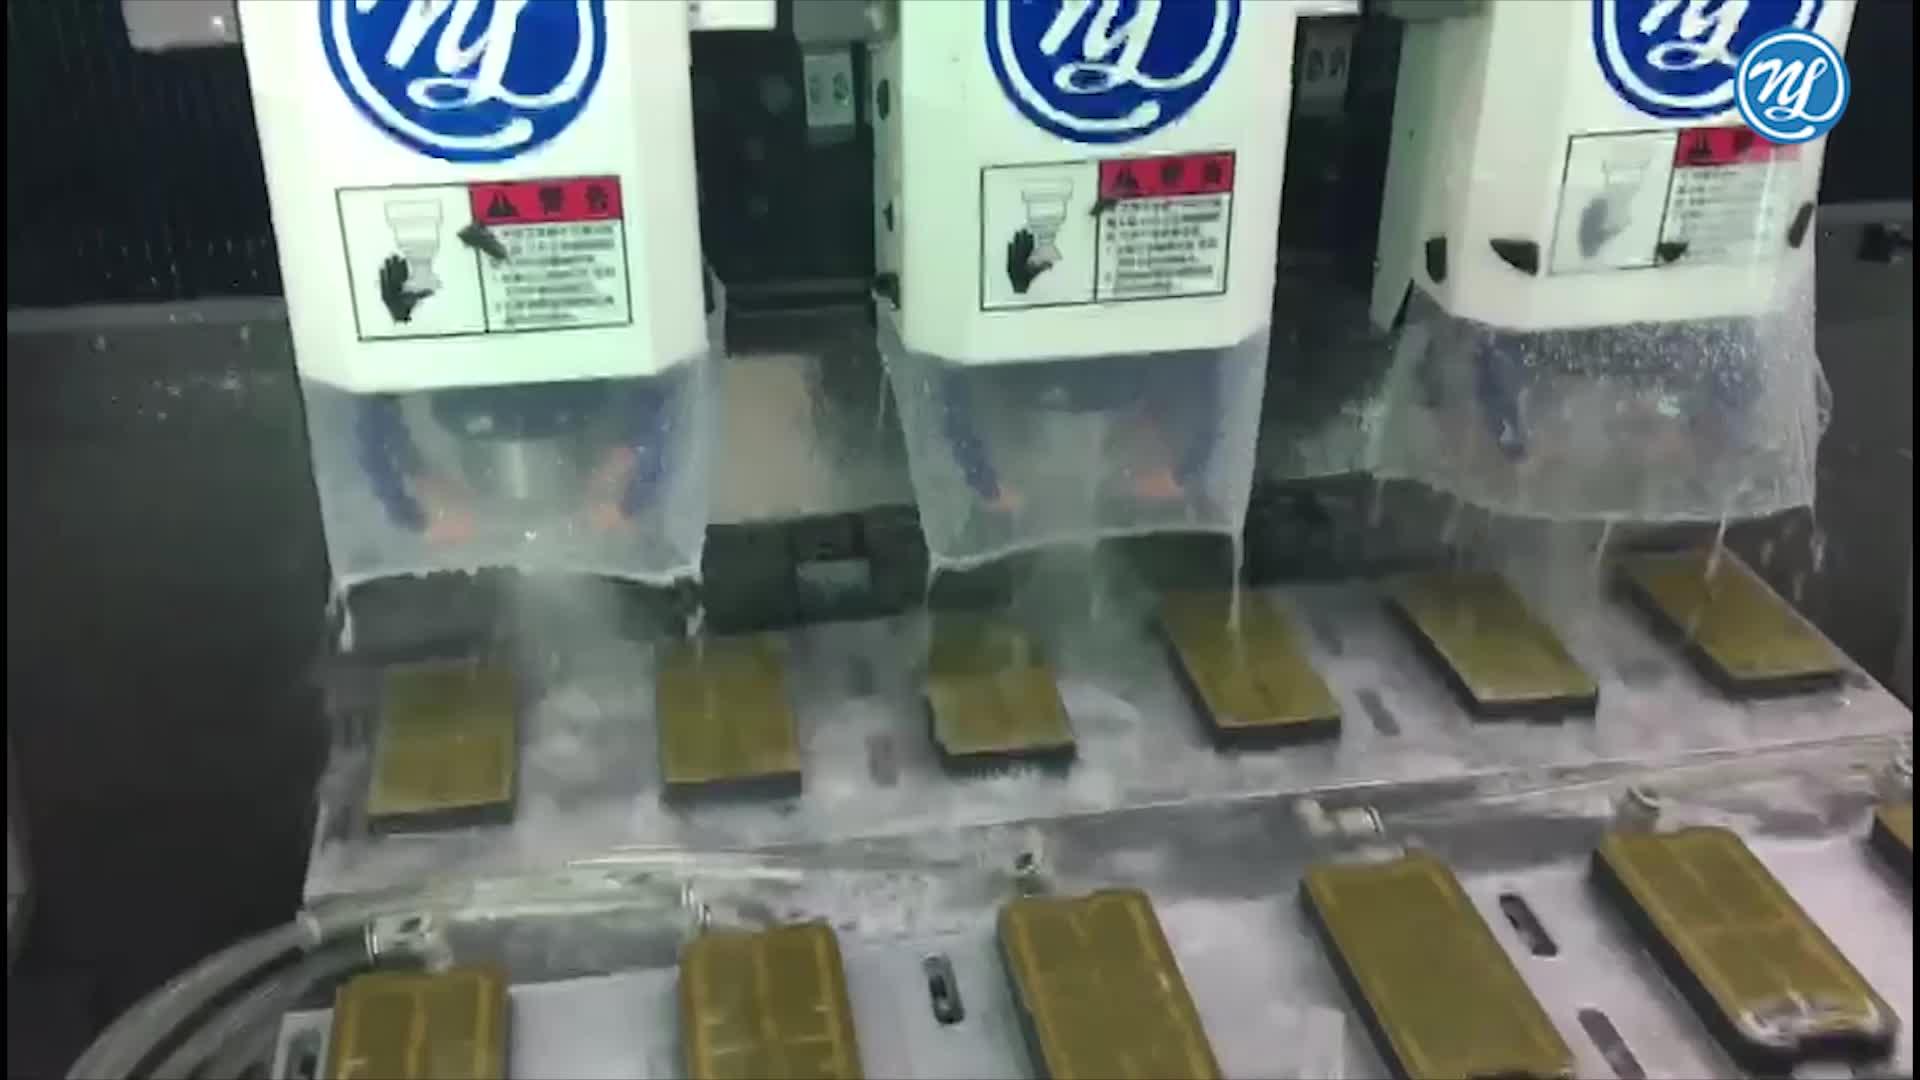 Sterven snijmachine voor mobiele screen protector maken protectors nano coating machine